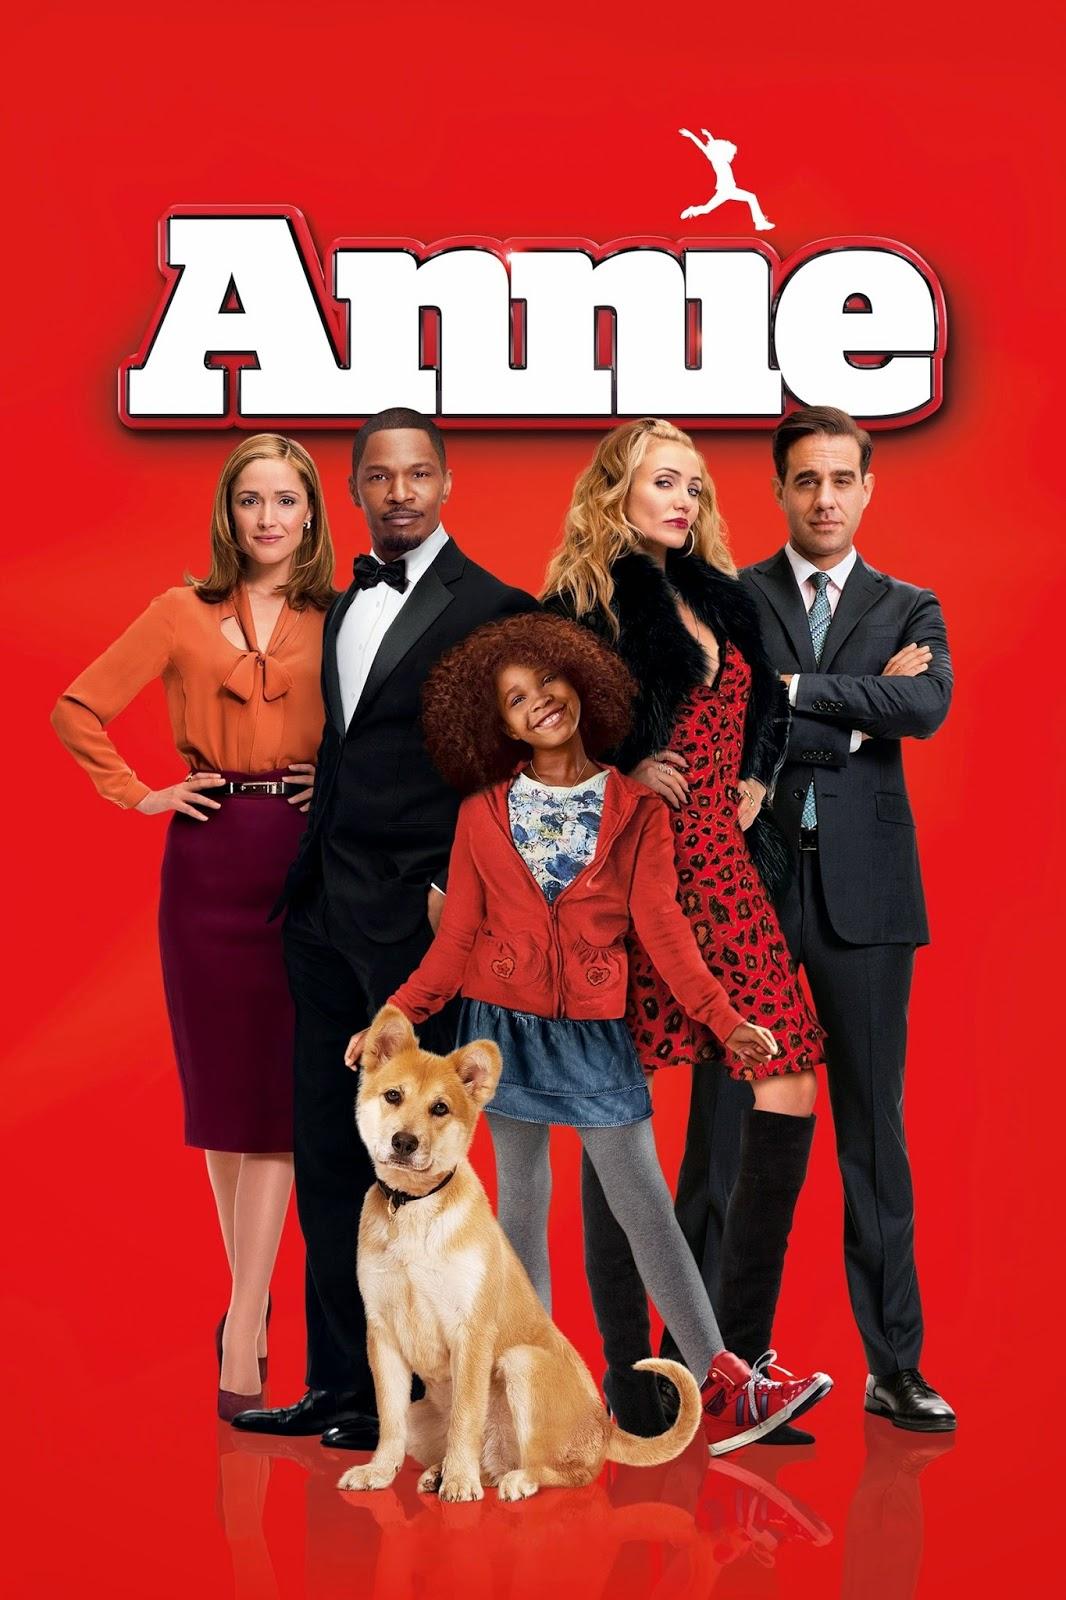 Annie 2014